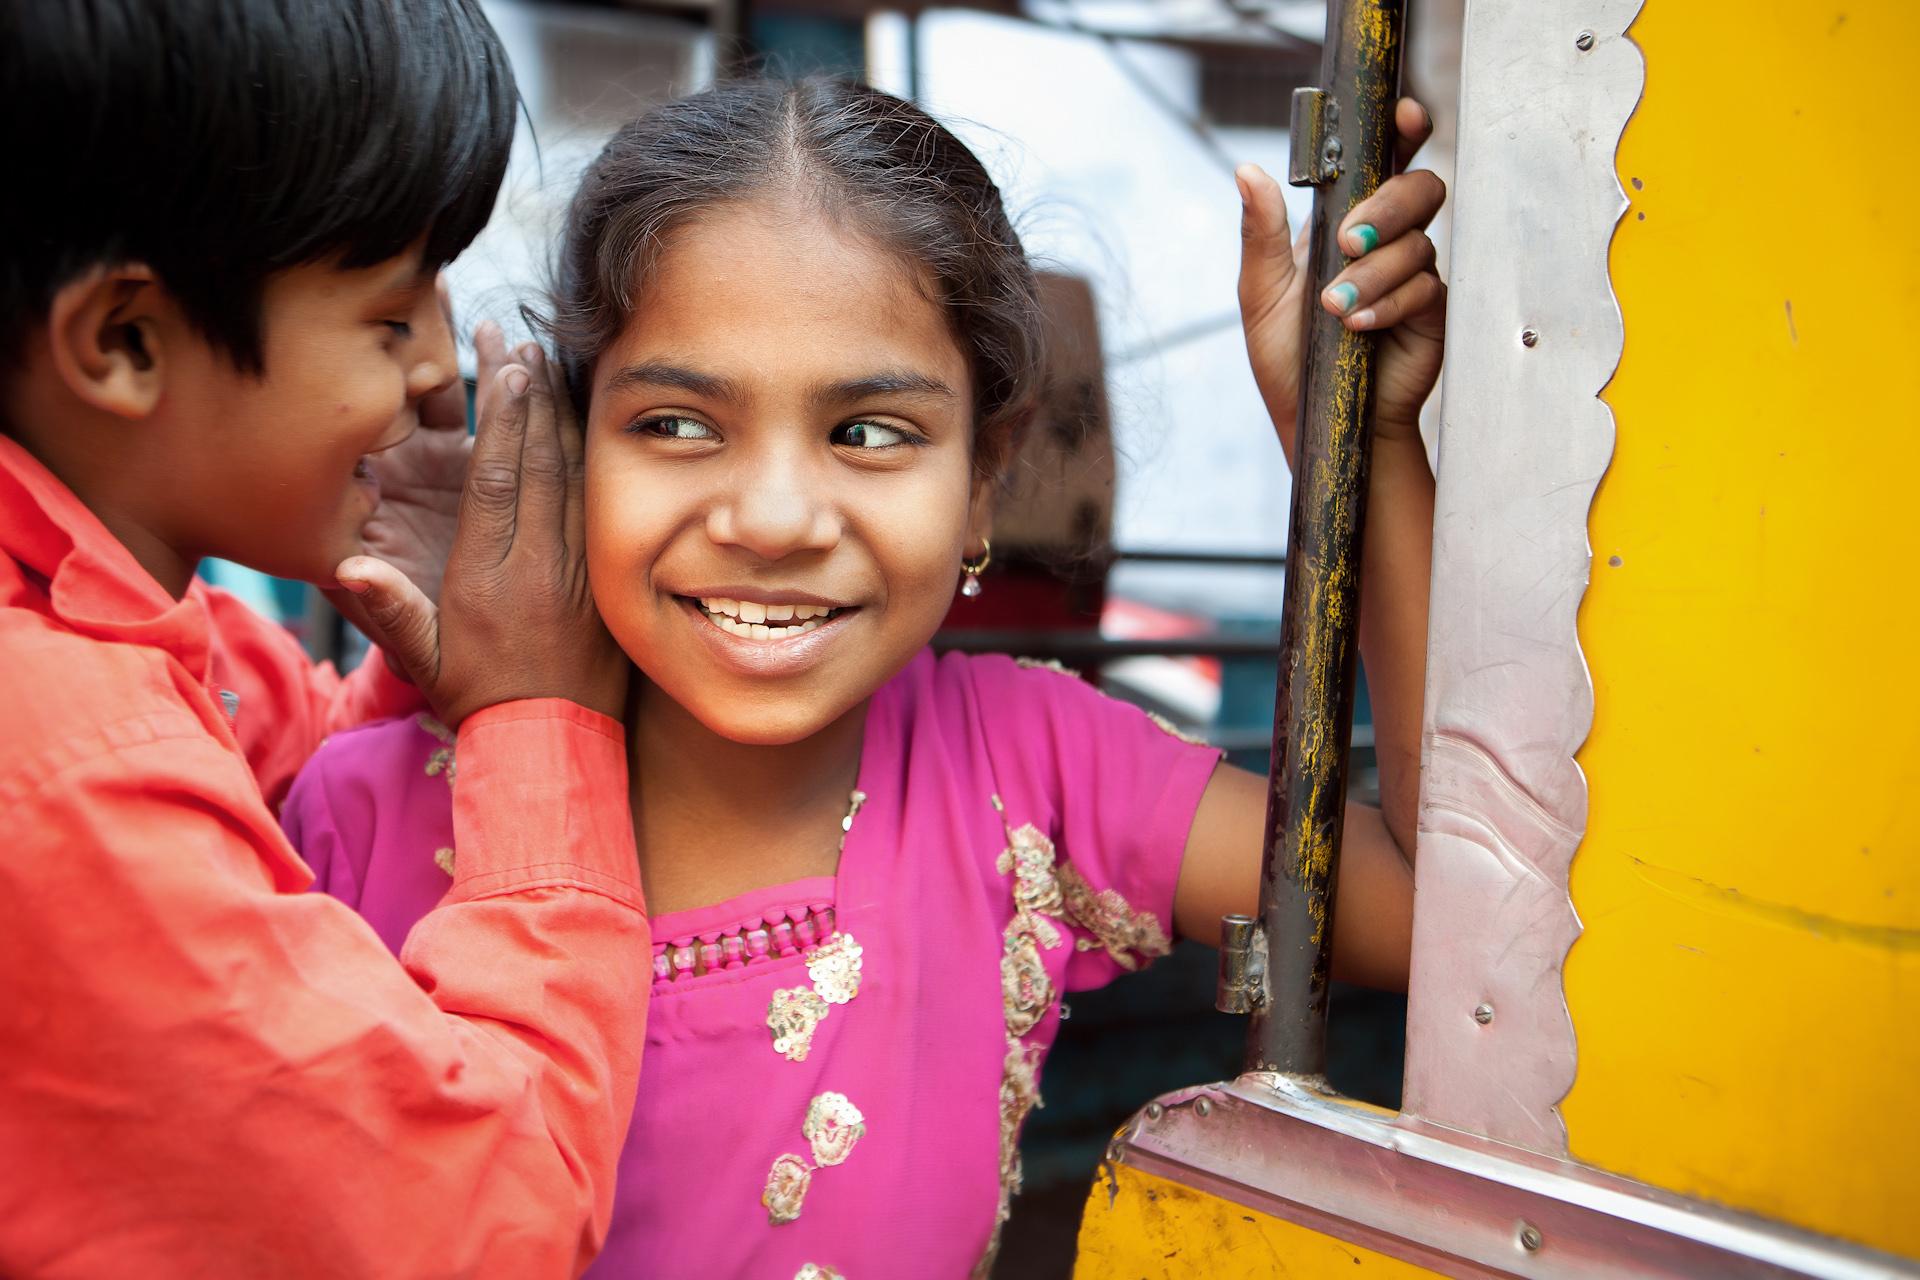 India-Travel-Rajasthan-Jodhpur-Child-Portrait-Jason-Bax_1.JPG